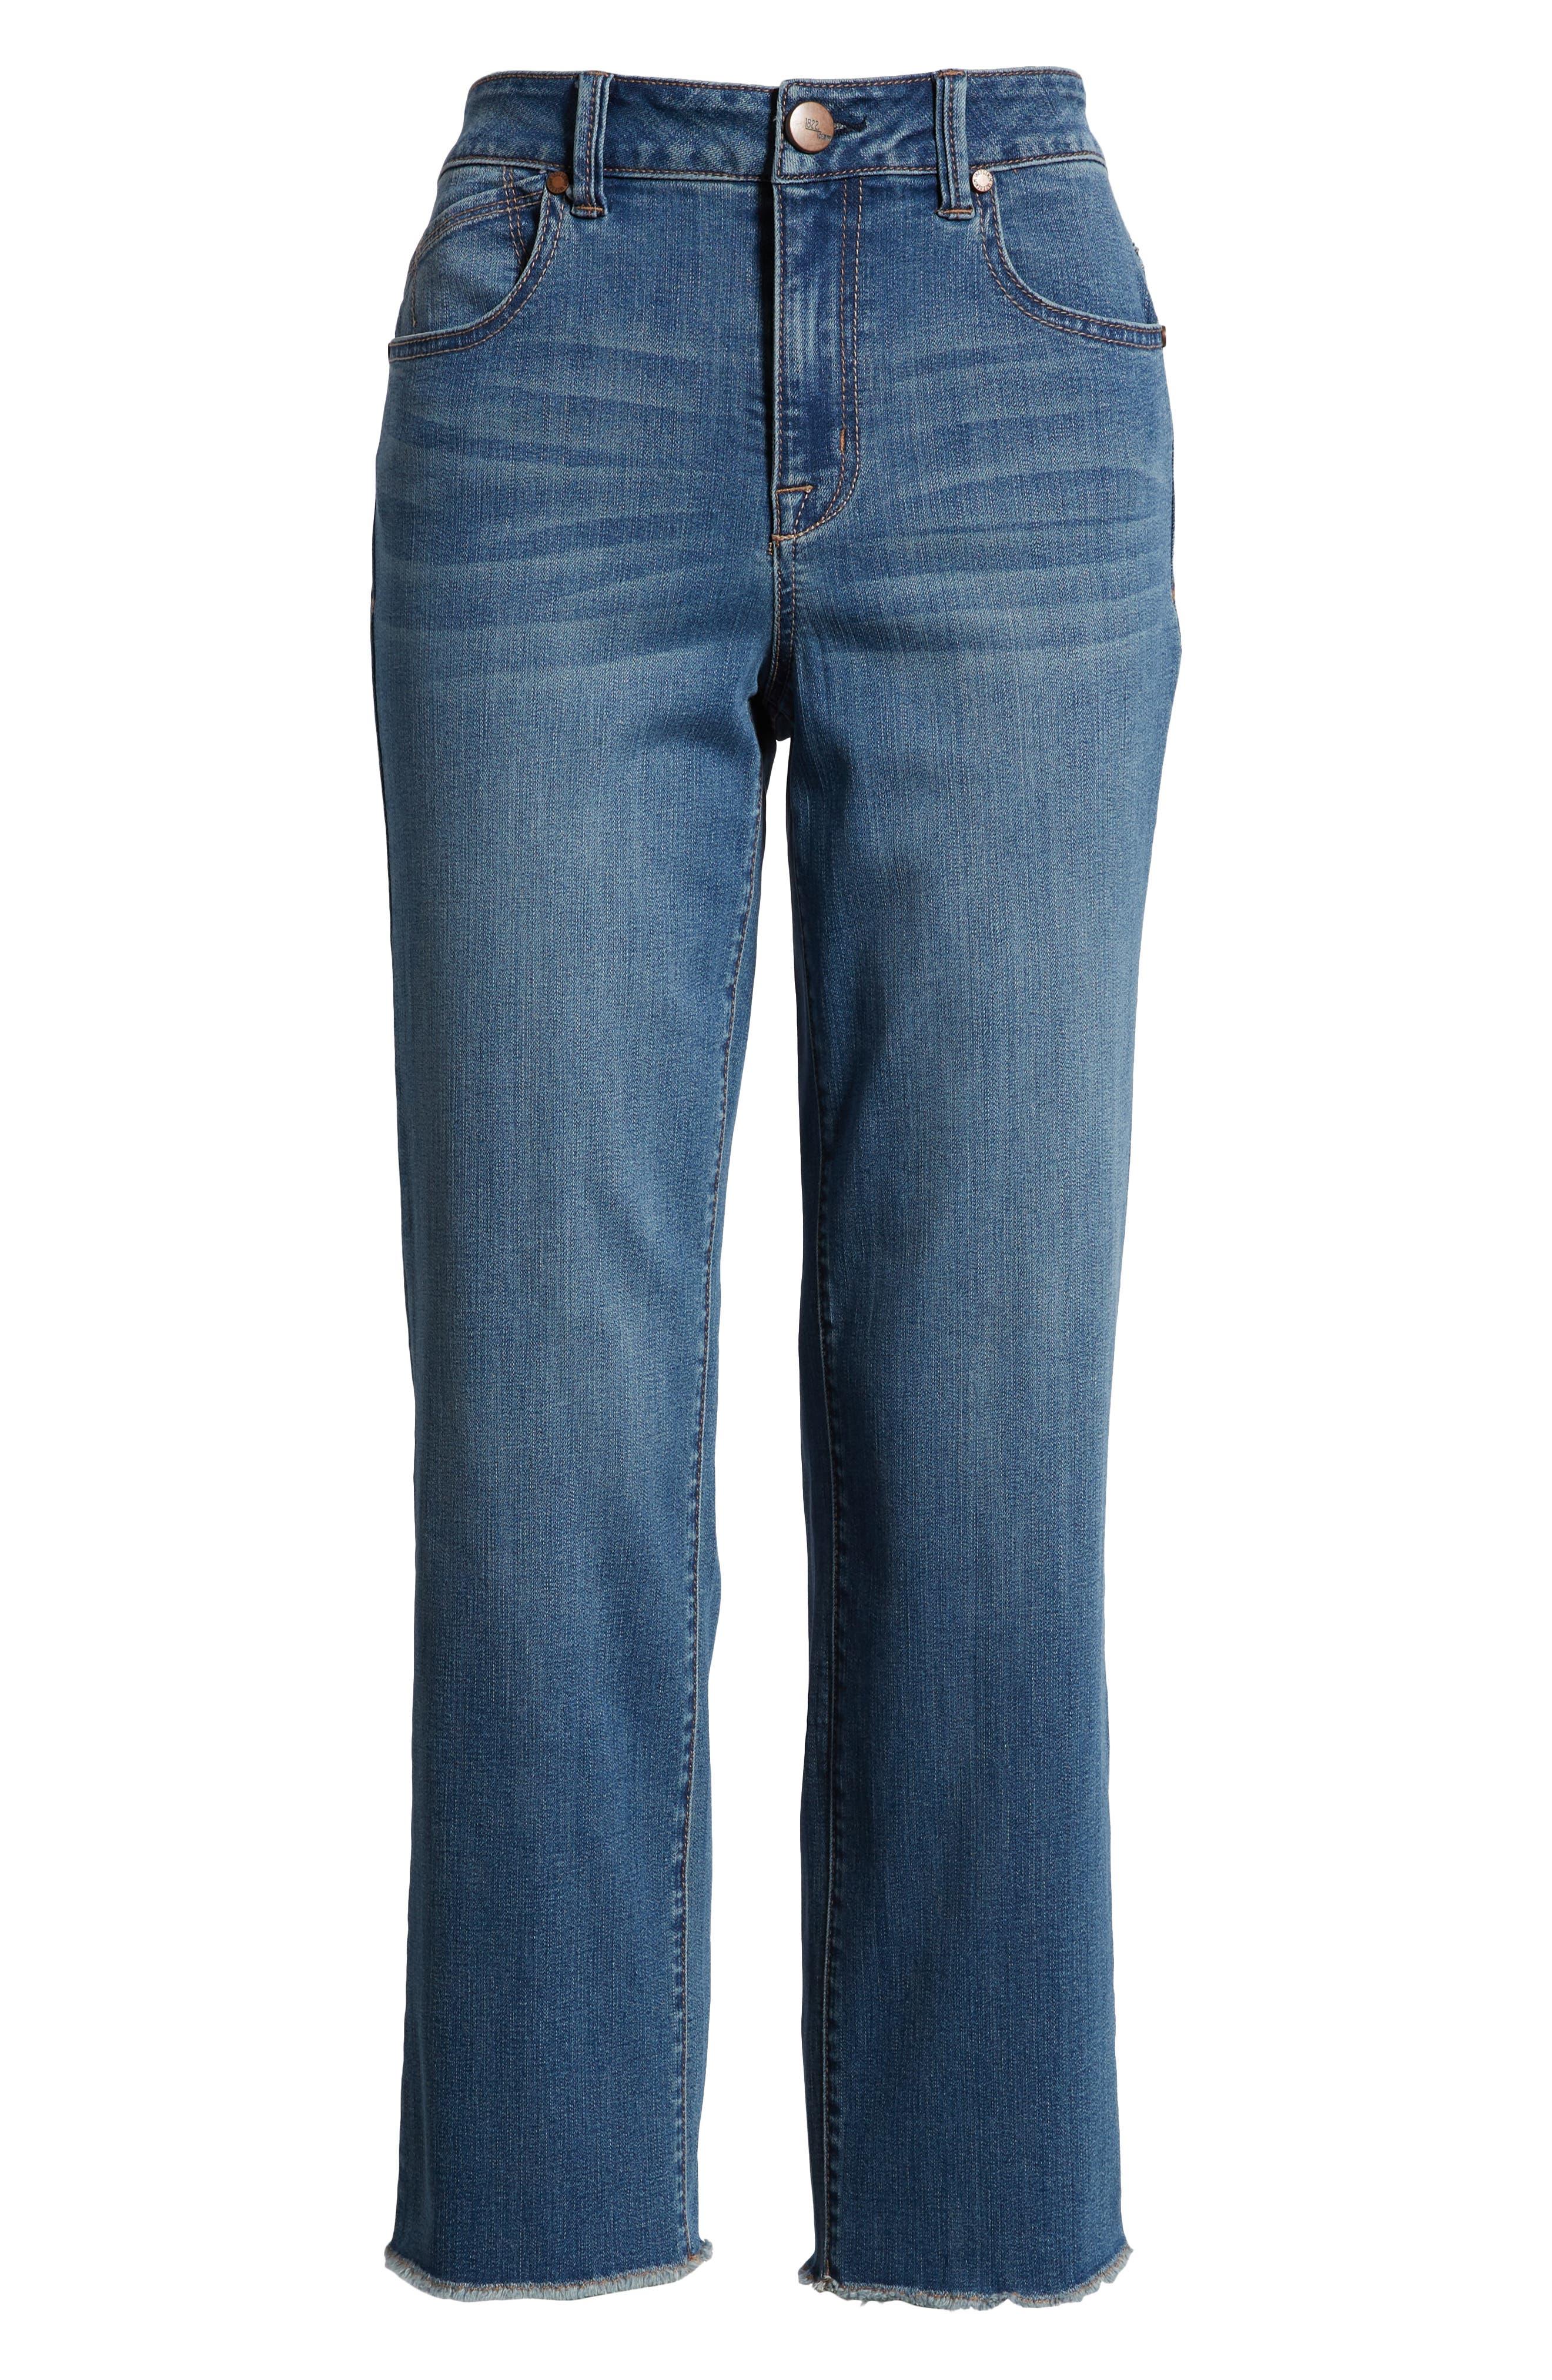 Ankle Straight Leg Jeans,                             Alternate thumbnail 7, color,                             KORN LIGHT WASH